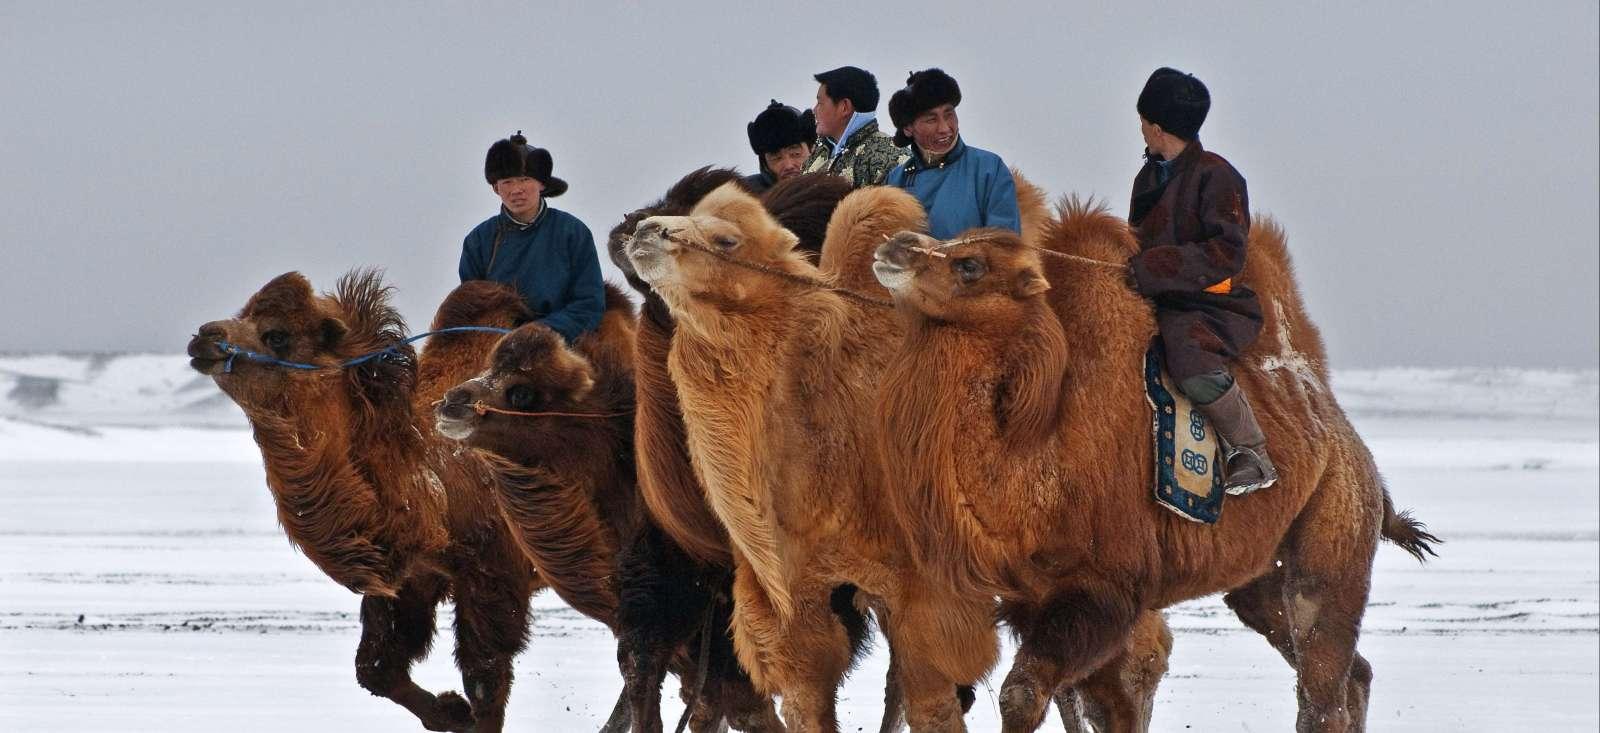 Voyage avec des animaux : Glaces, rapaces et 1000 chameaux.